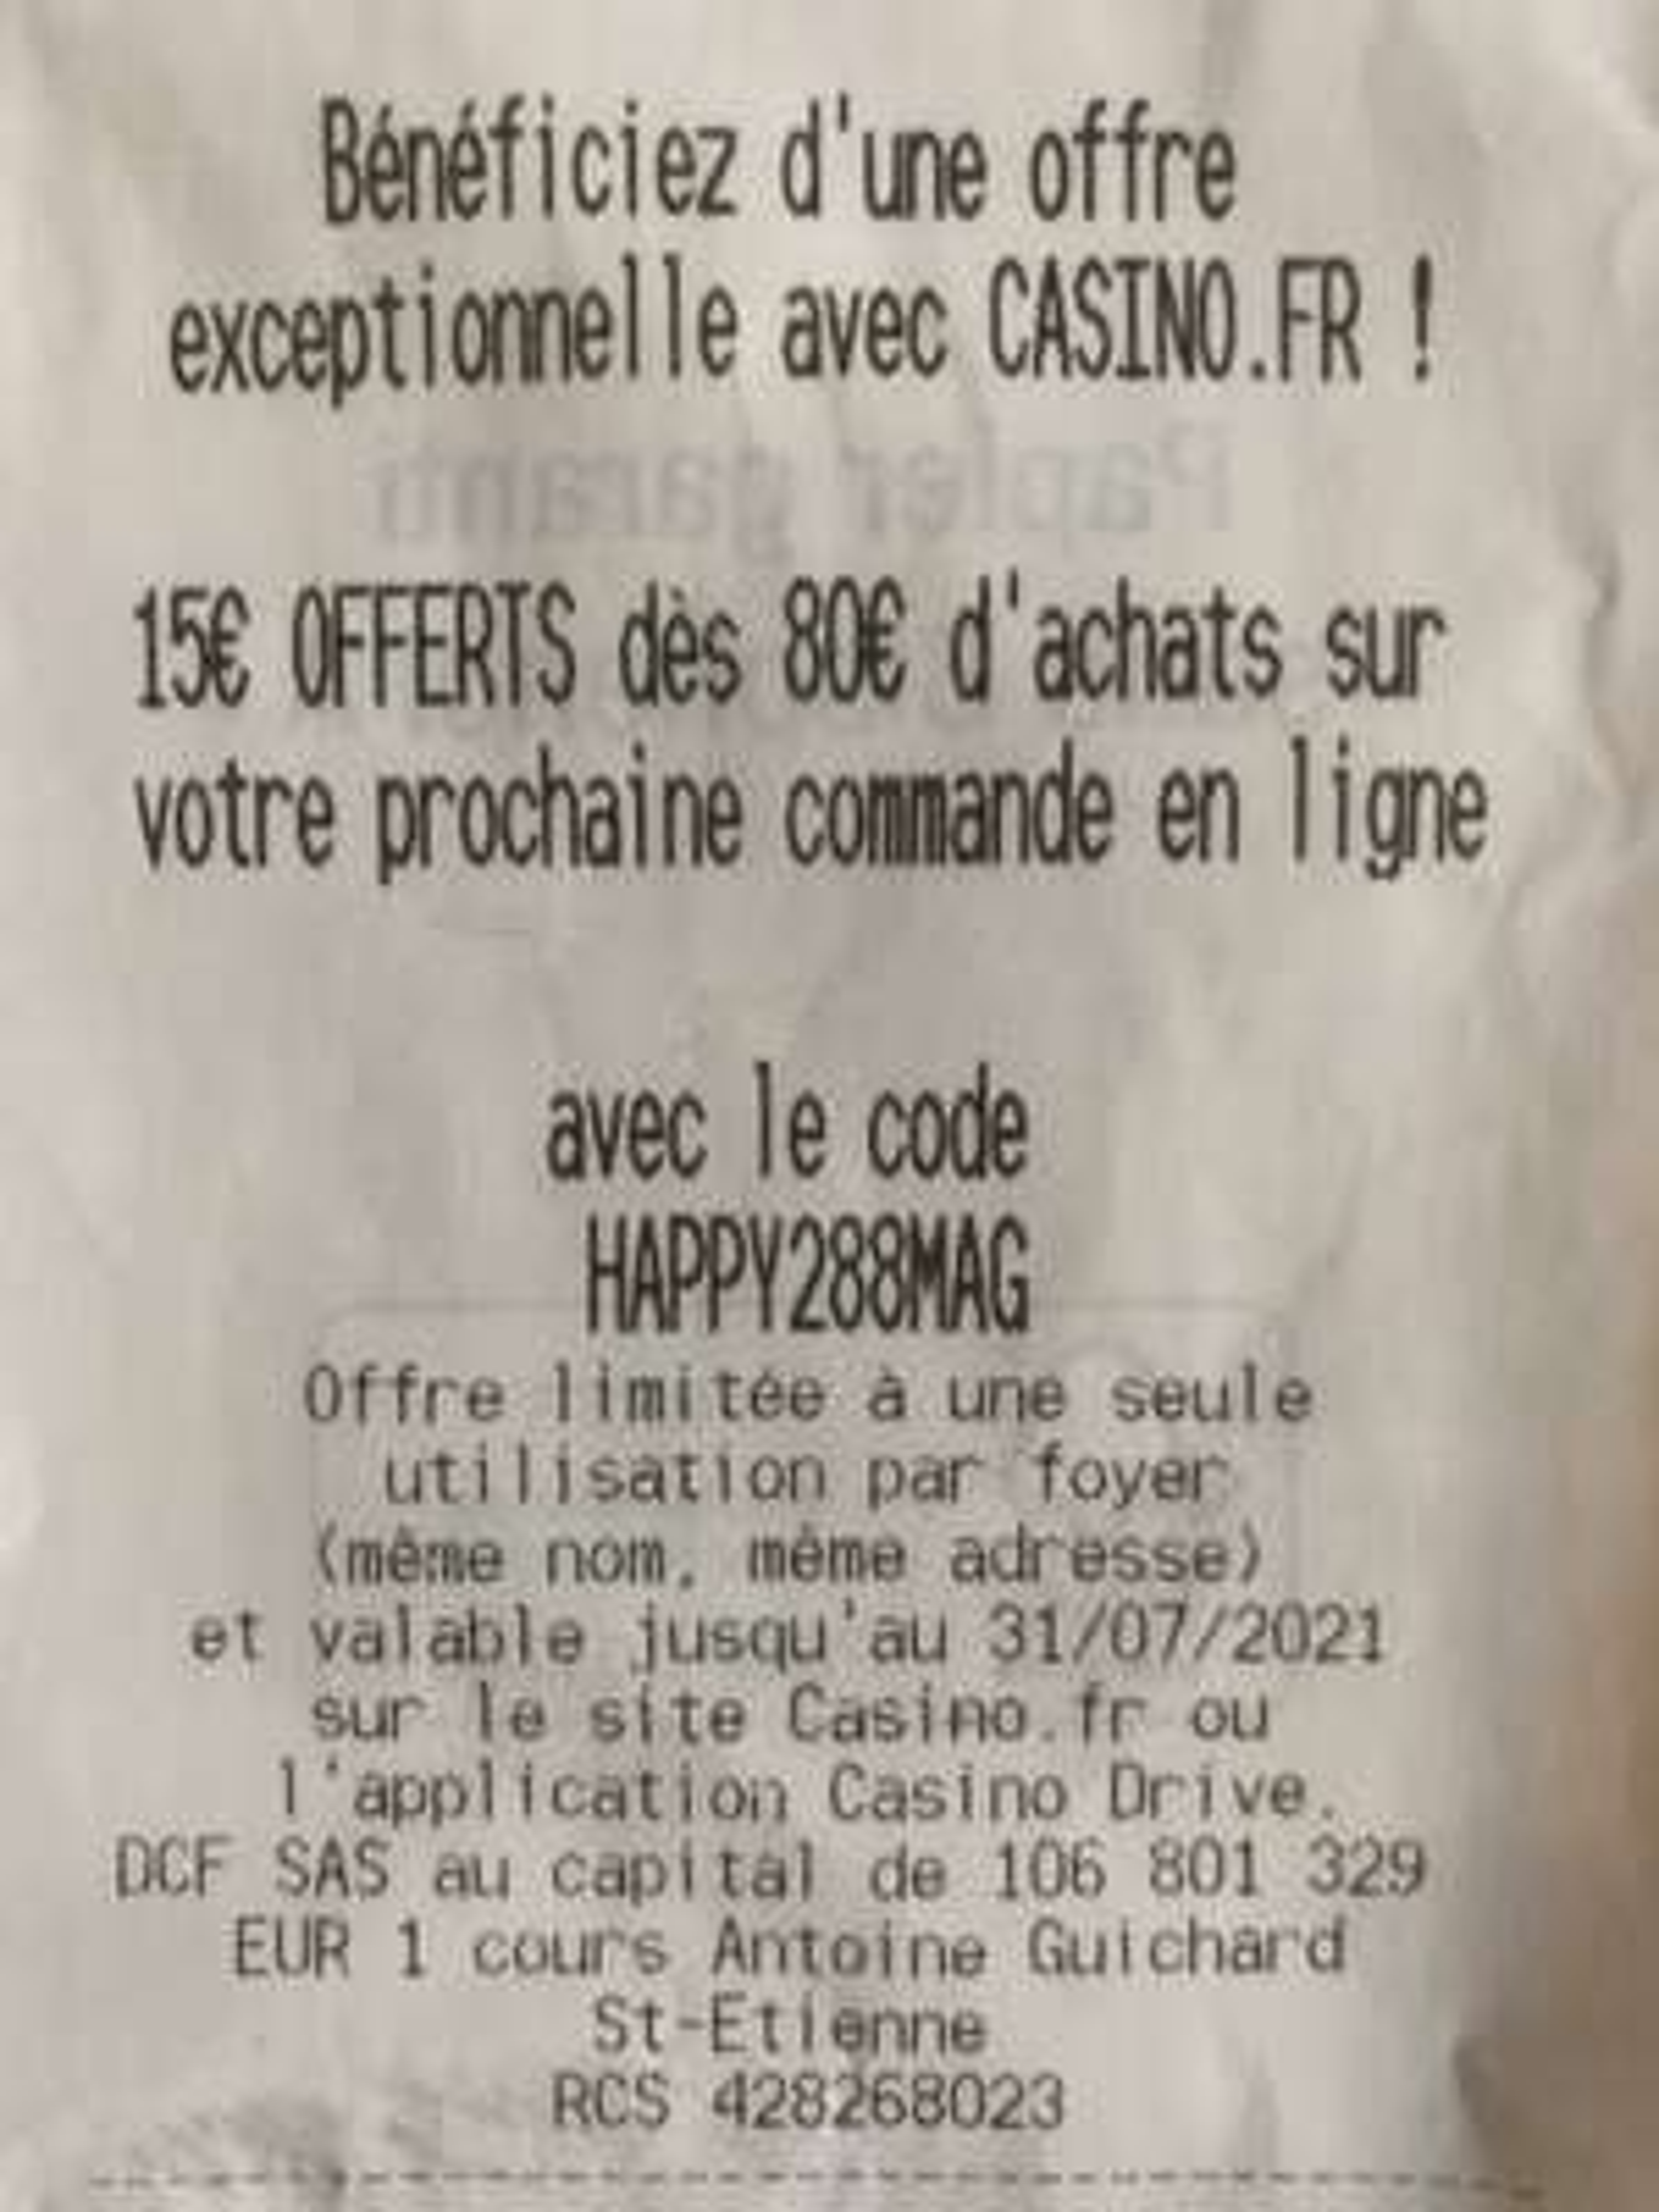 15€ de réduction dès 80€ d'achats